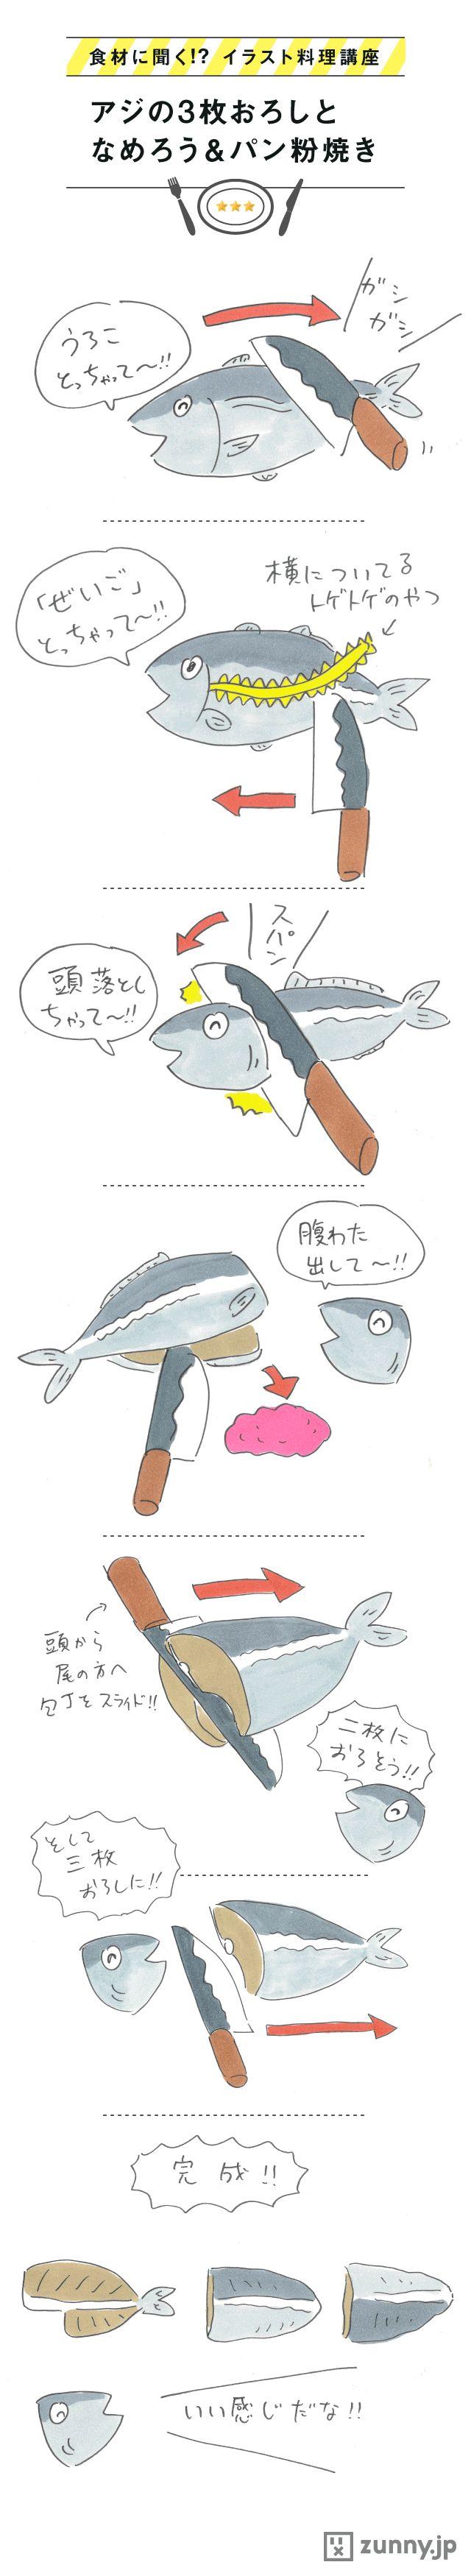 「魚をさばく」というとかなり手間がかかるイメージがあるが、アジの三枚おろしぐらいなら、意外とかんた…